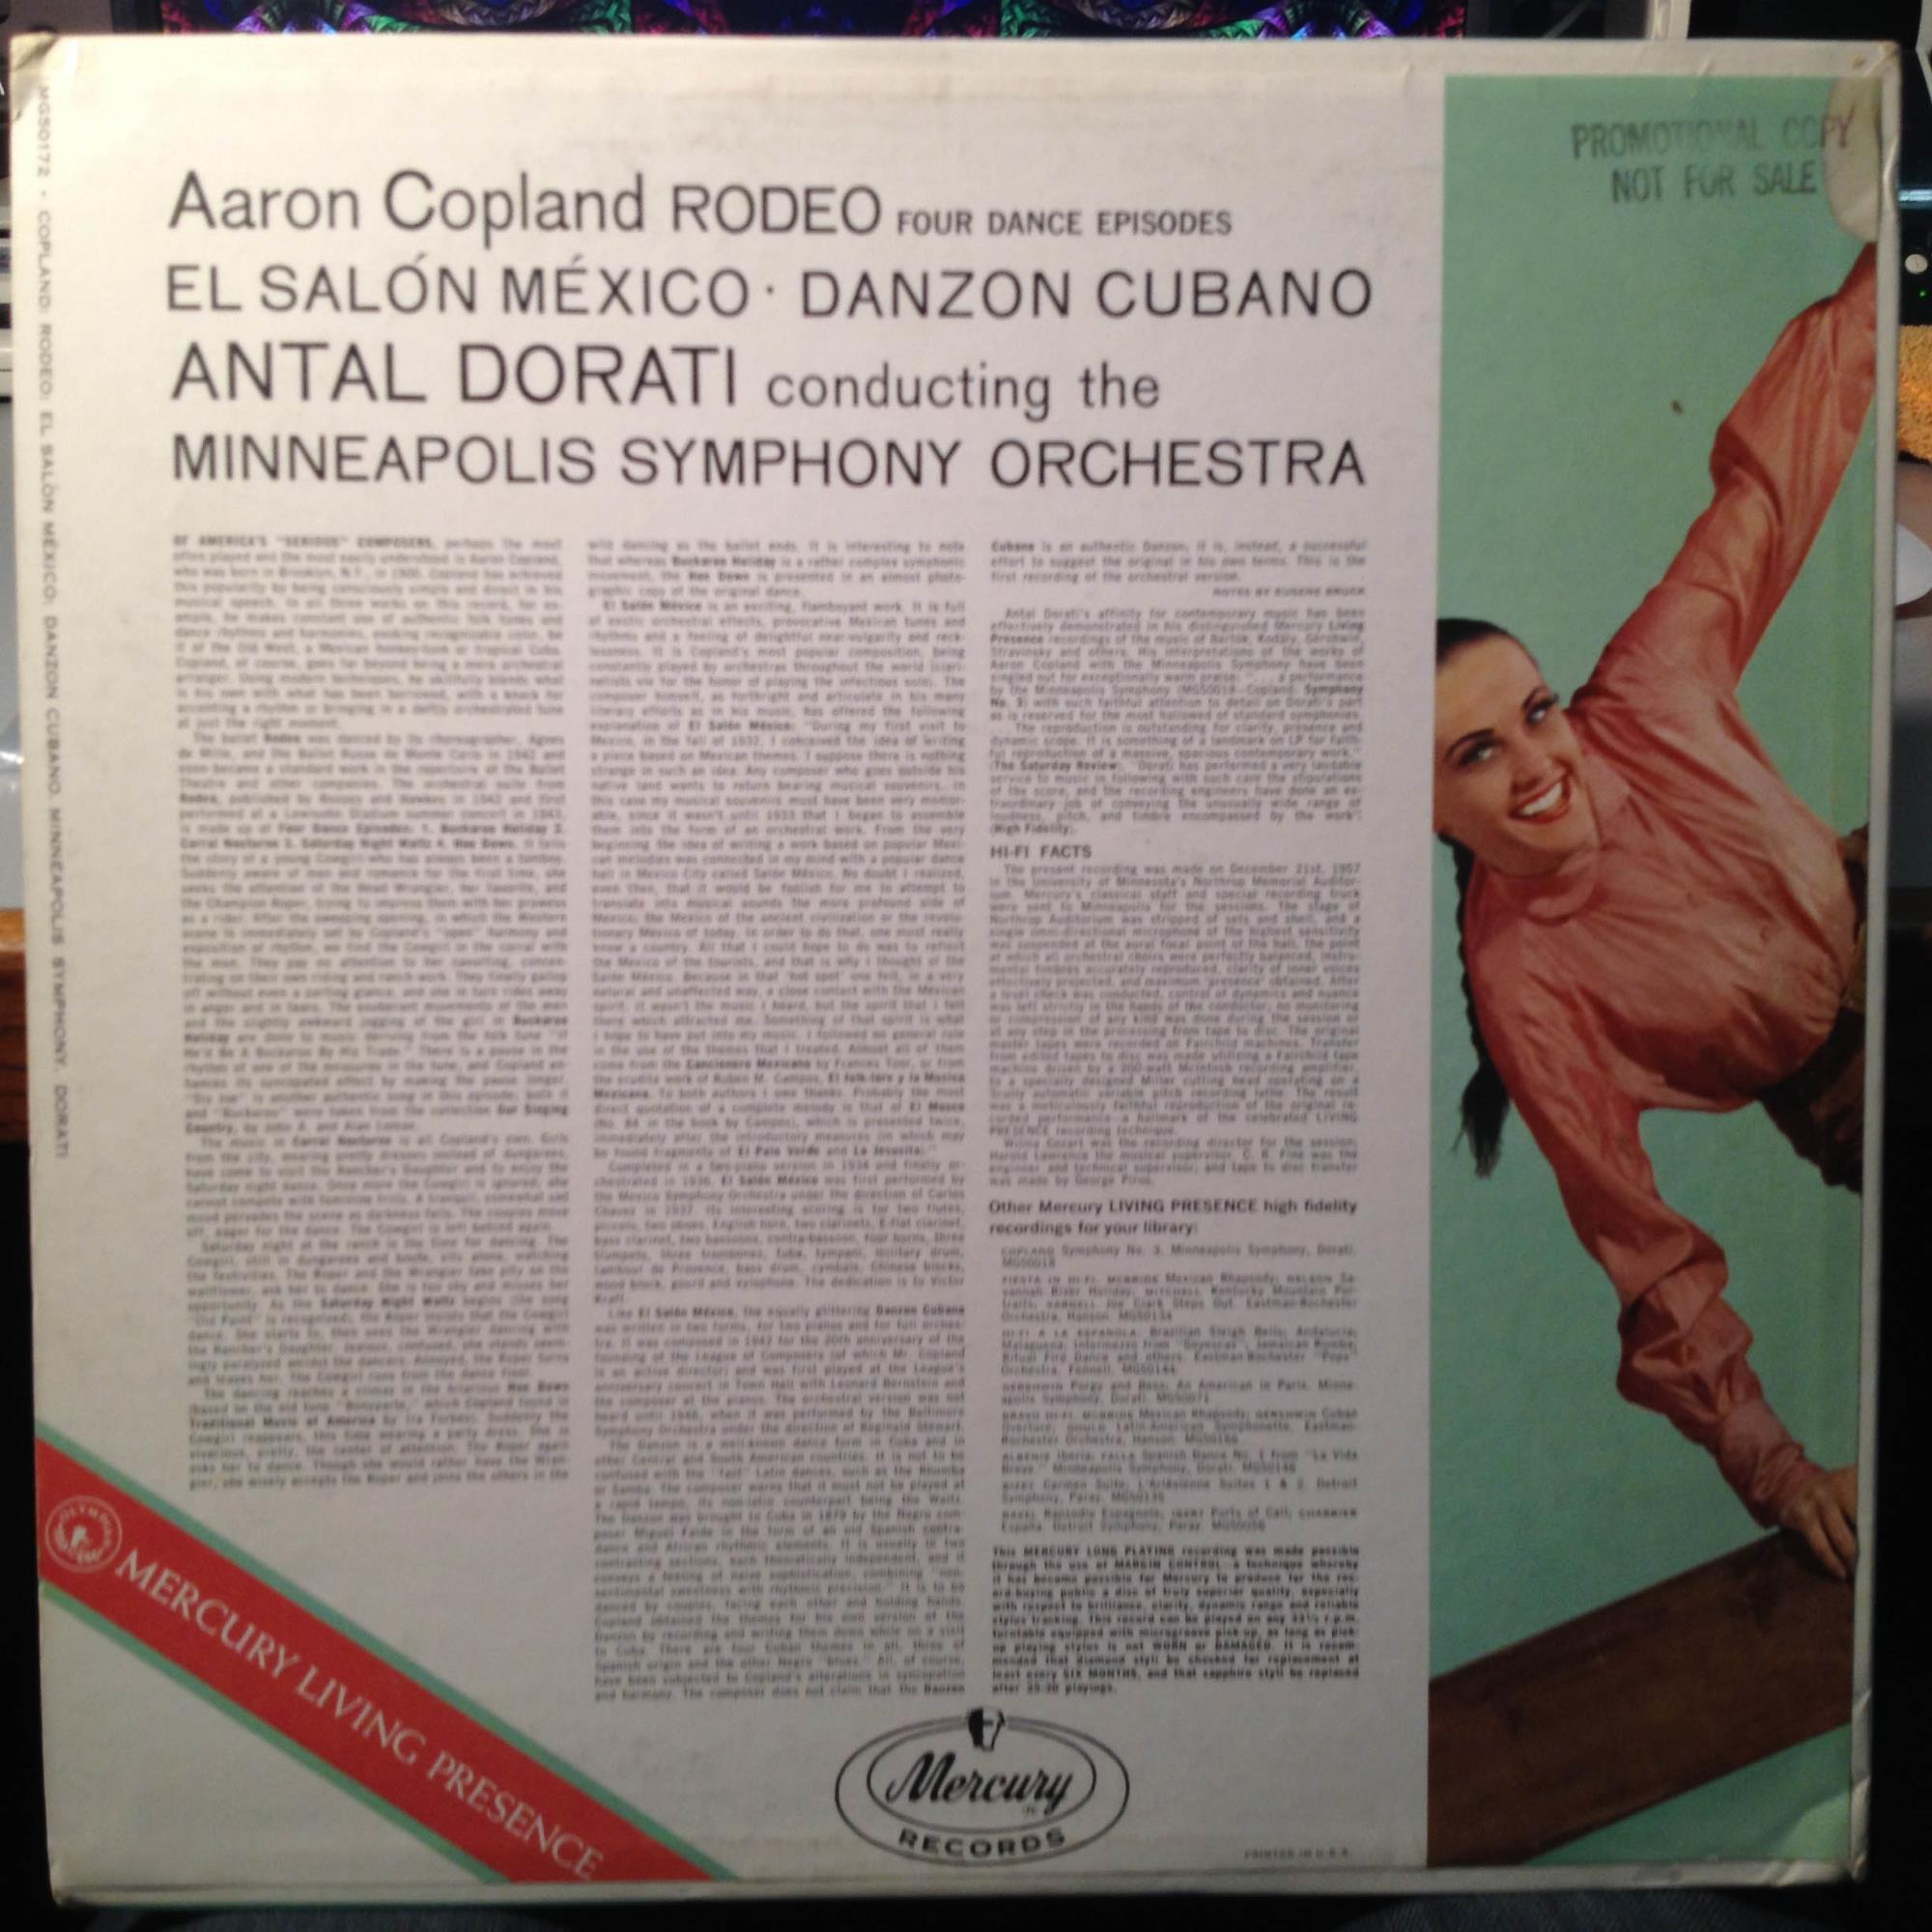 Antal dorati copland rodeo lp mint mg 50172 mercury mono for Aaron copland el salon mexico